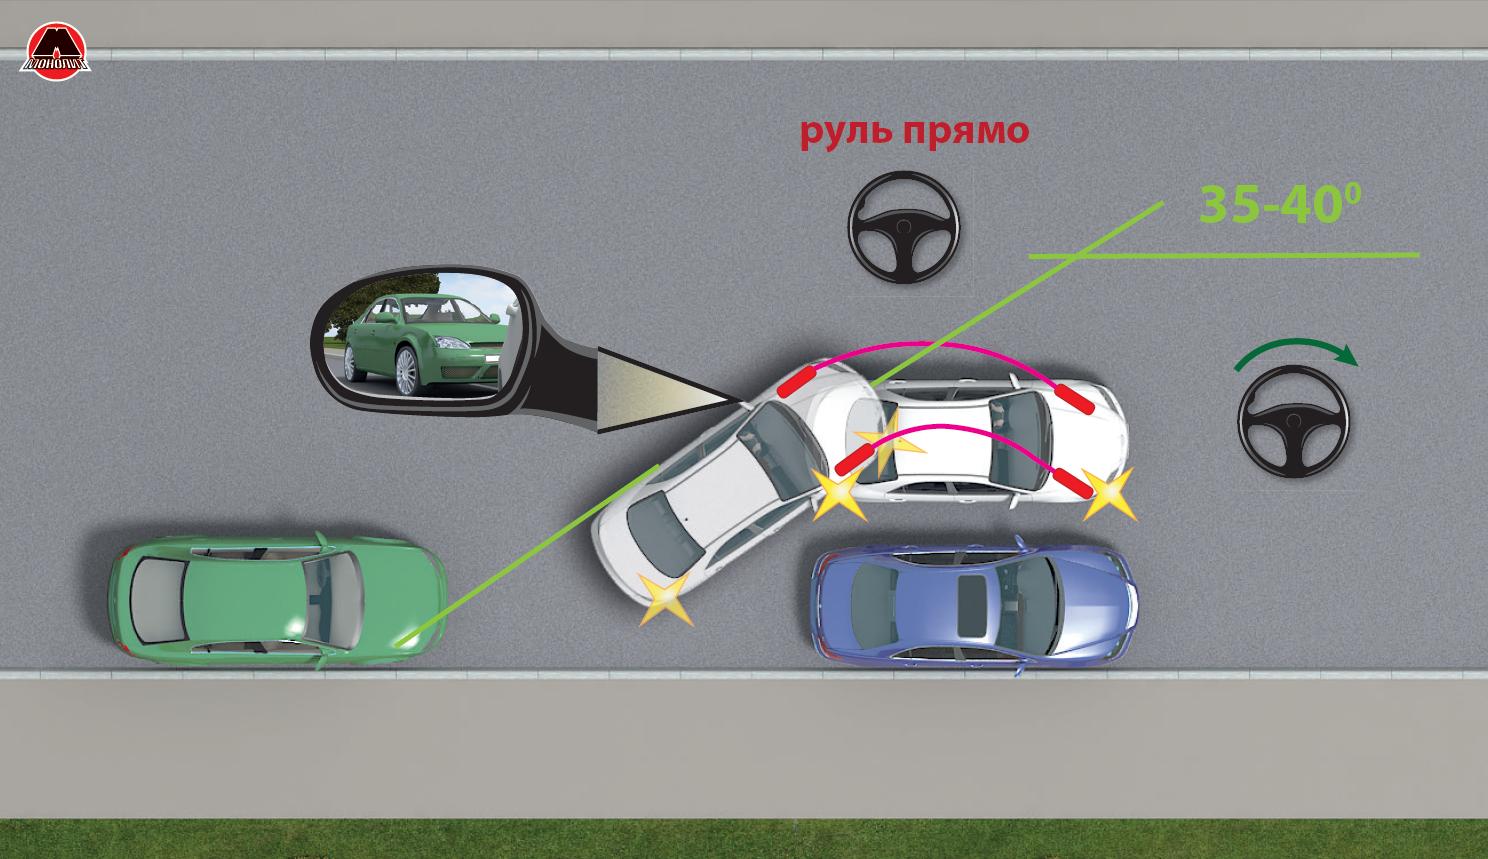 Выкручивание руля при парковке